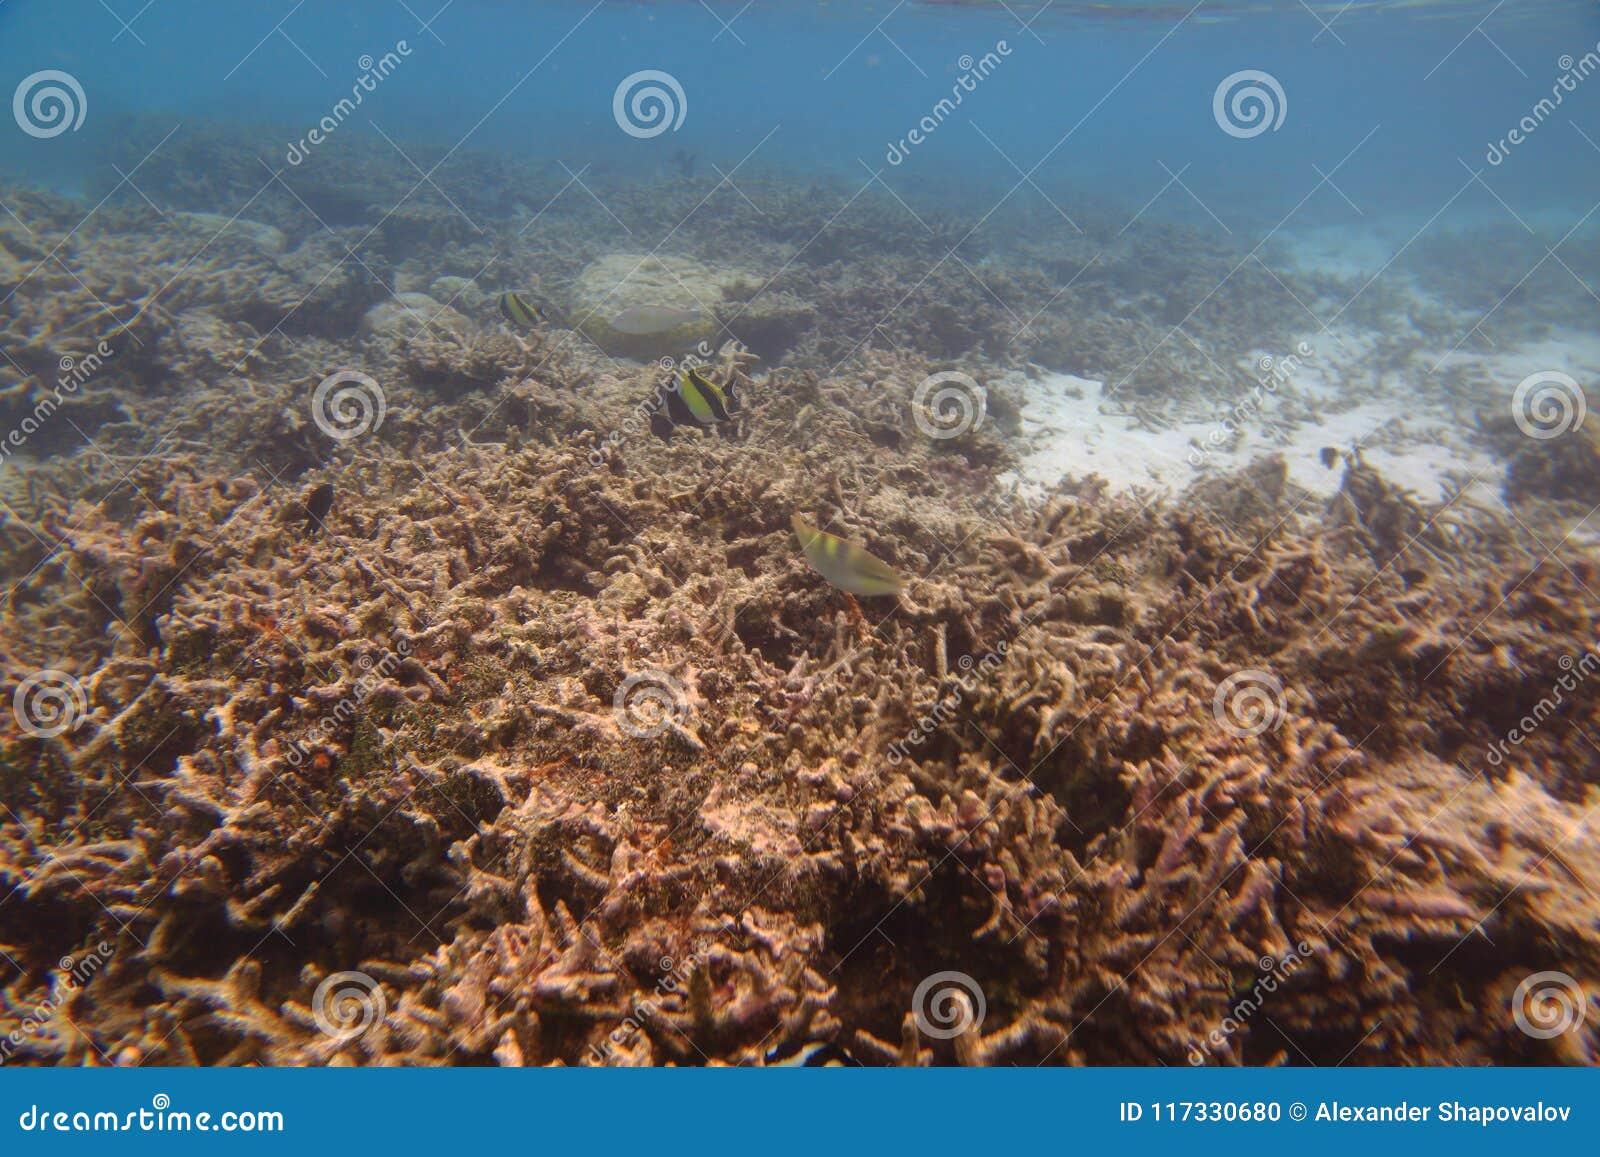 Onderwatermening van dode koraalriffen en mooie vissen snorkeling Indische Oceaan